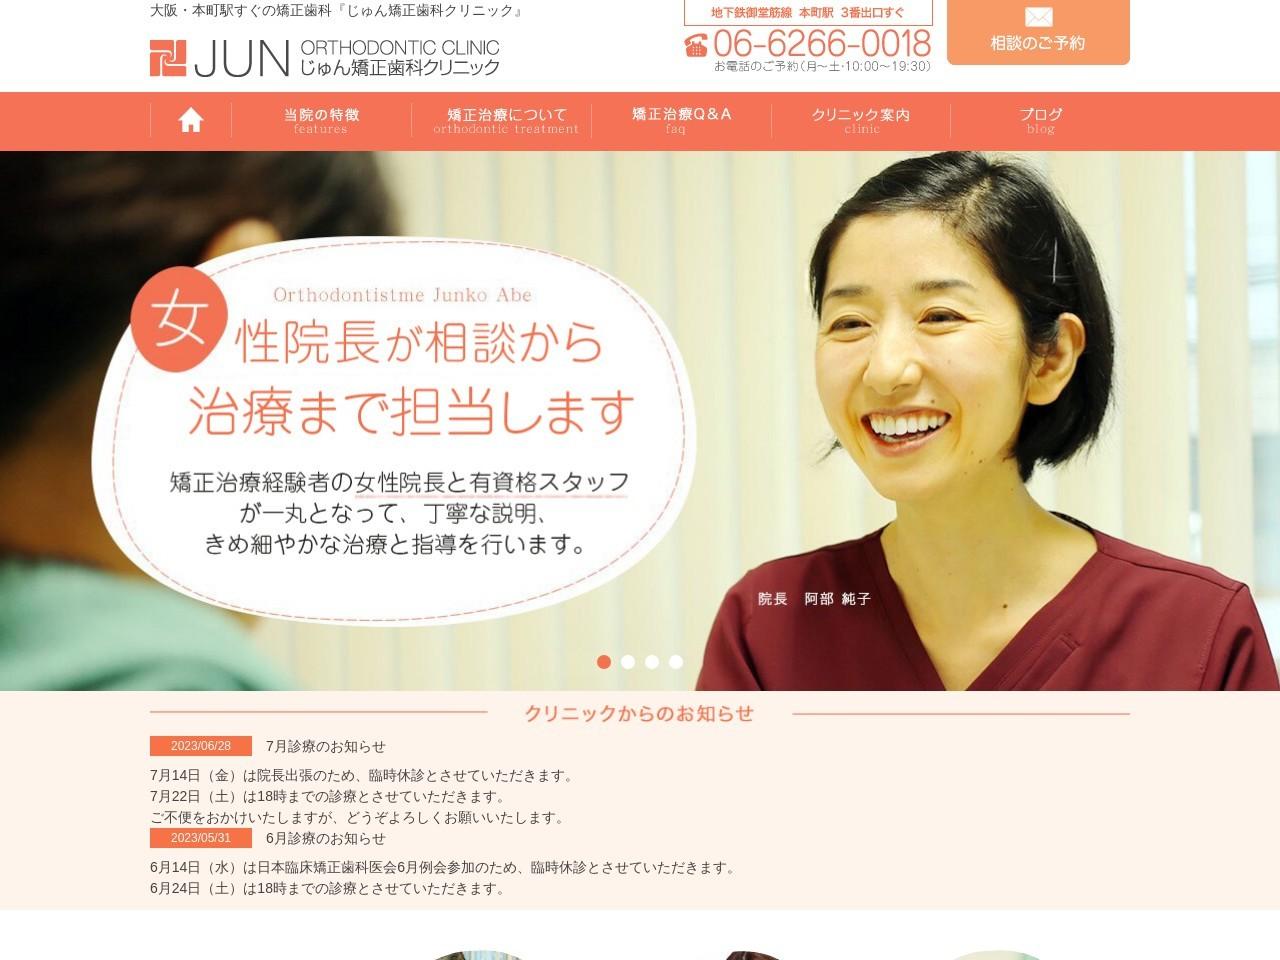 じゅん矯正歯科クリニック (大阪府大阪市中央区)